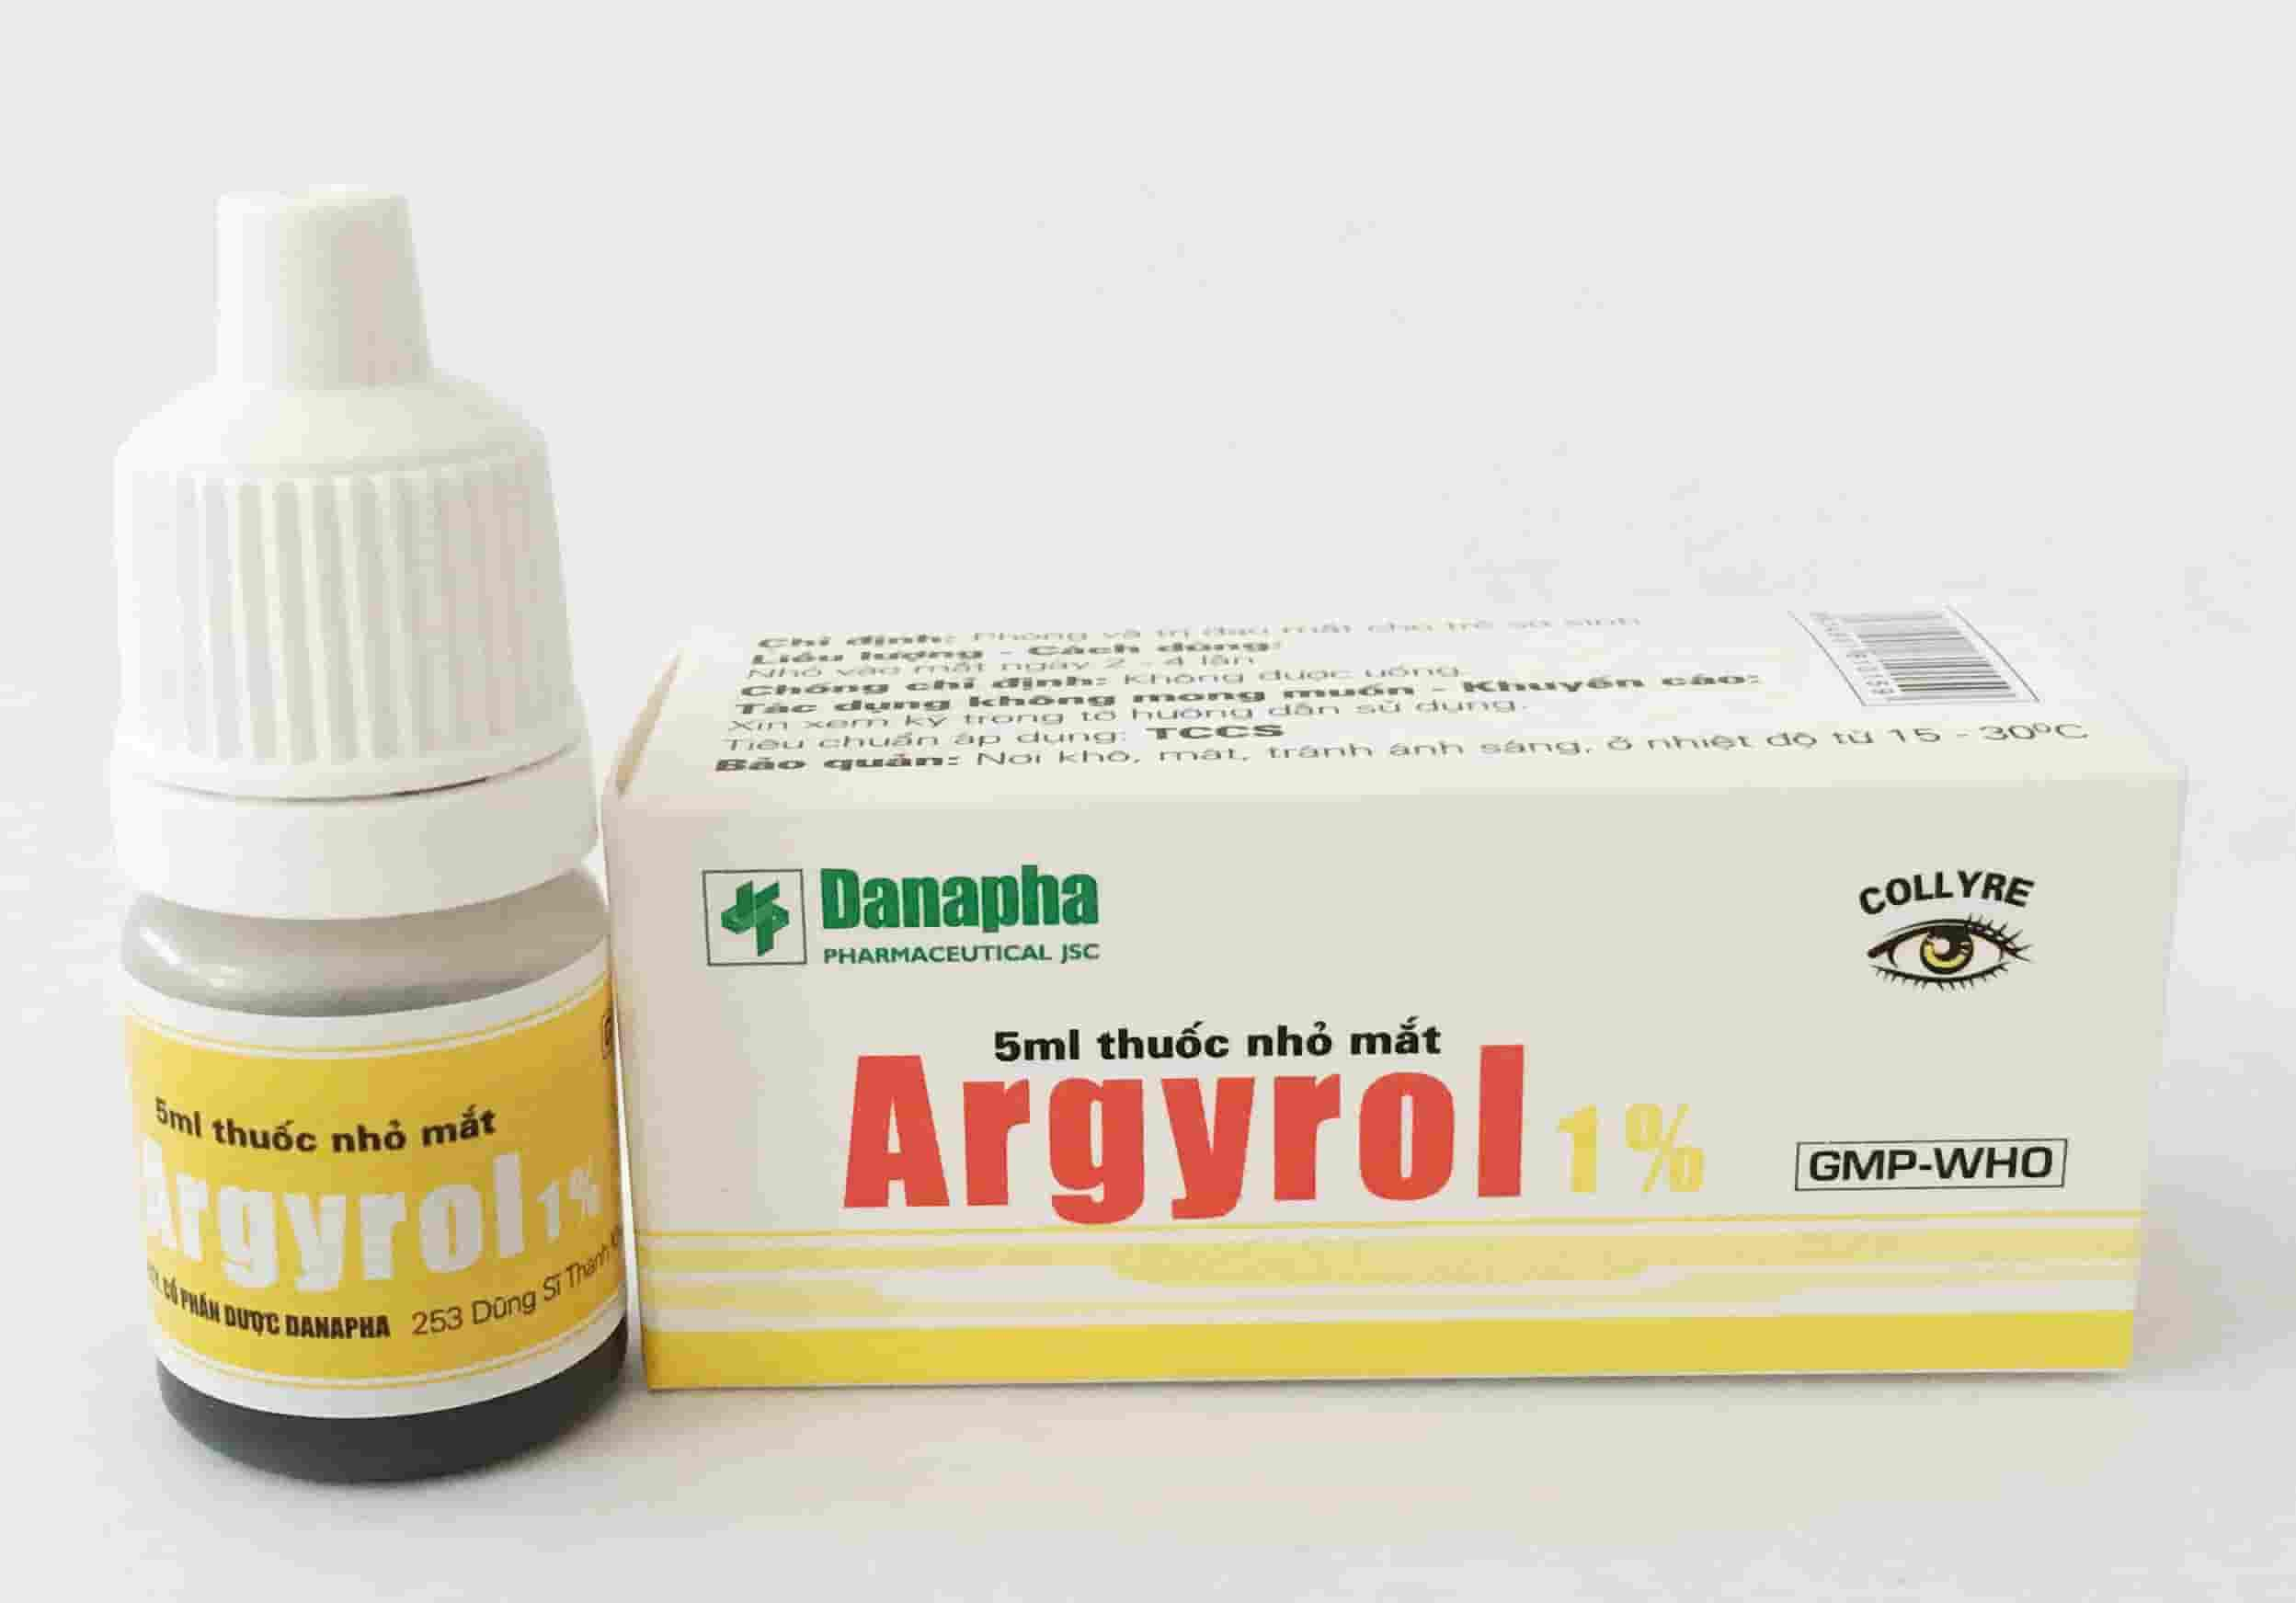 Argyrol 1% - Thuốc nhỏ mắt Argyrol 5ml lành tính, dịu nhẹ, loại trừ vi khuẩn